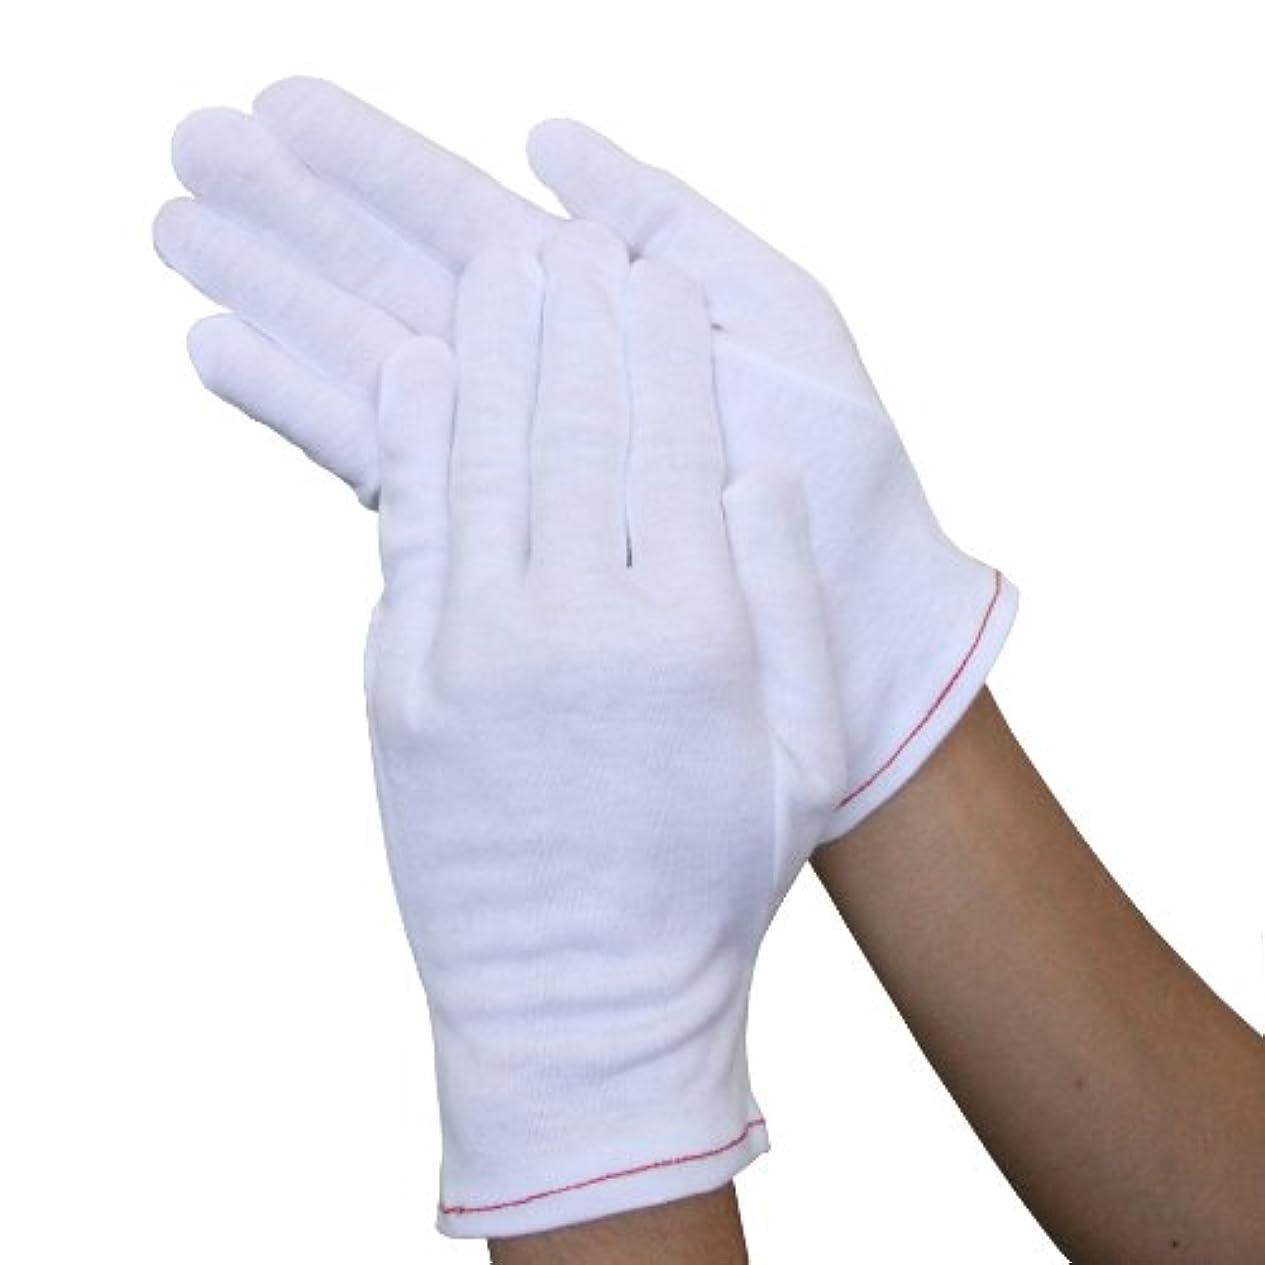 クラッシュ複雑なバケツウインセス 【心地よい肌触り/おやすみ手袋】 綿100%手袋 (2双) (LL)